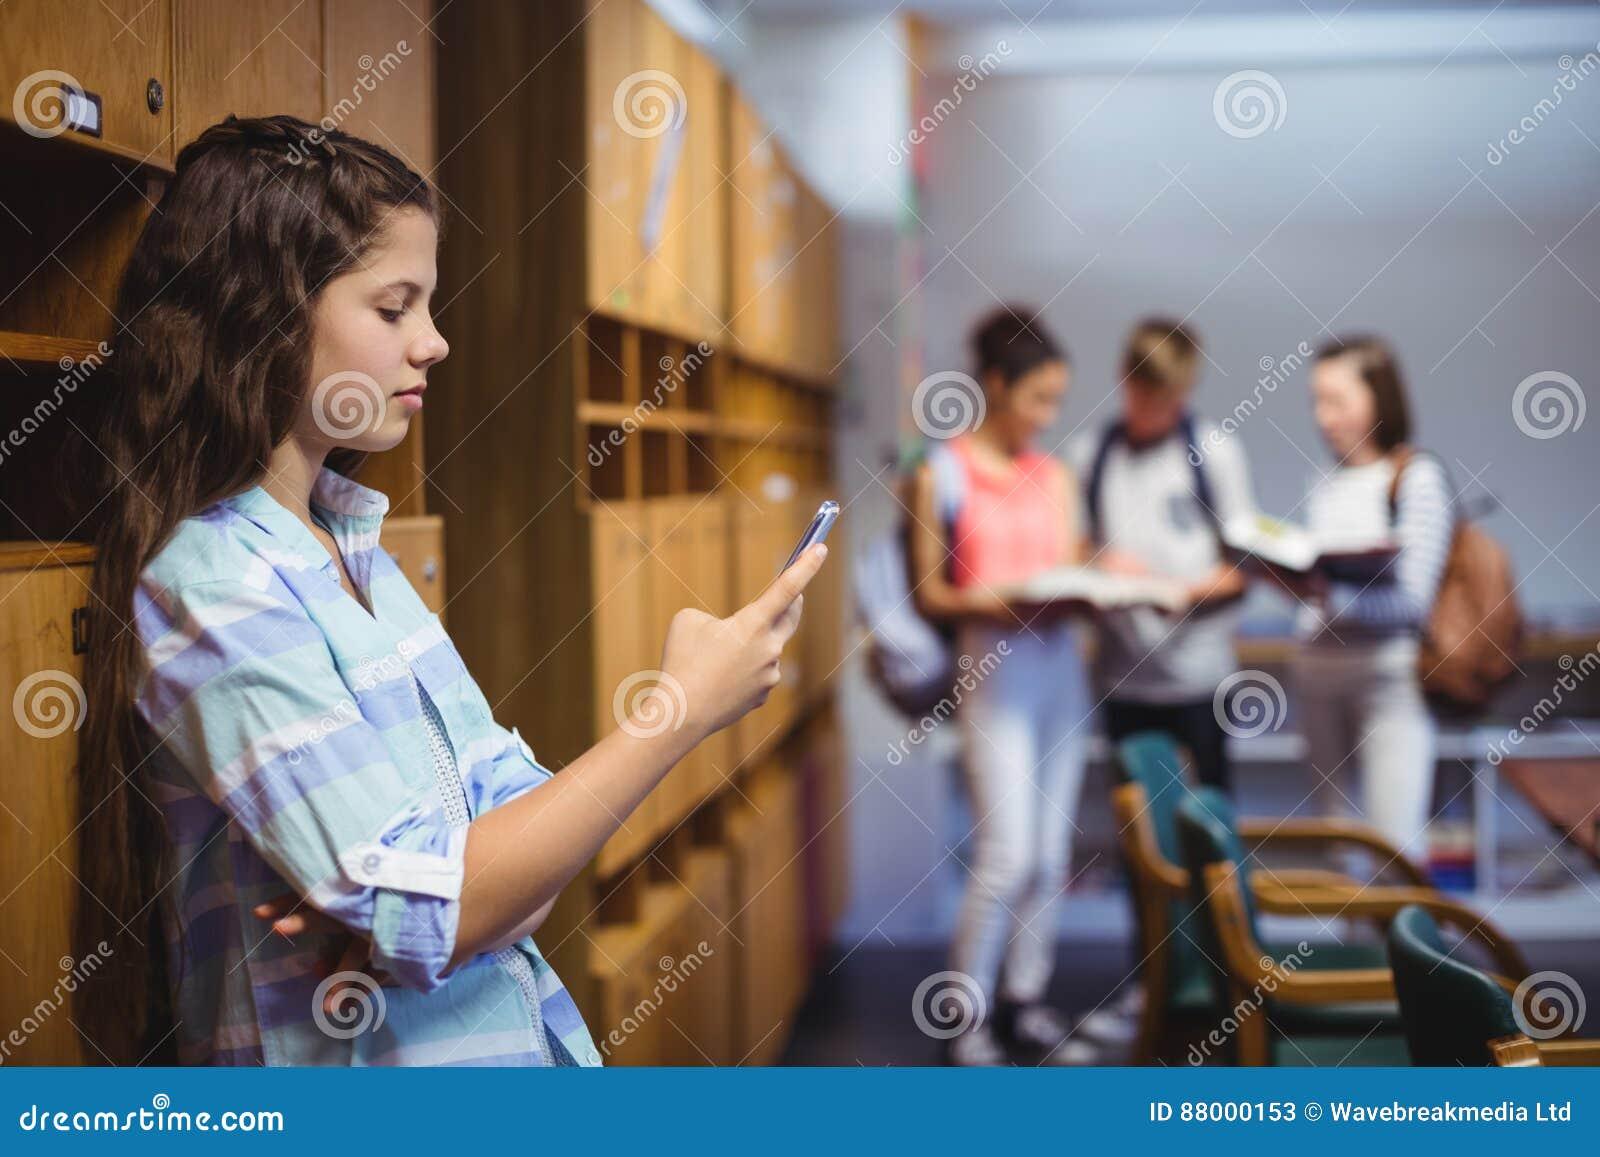 школьницы в раздевалке фото